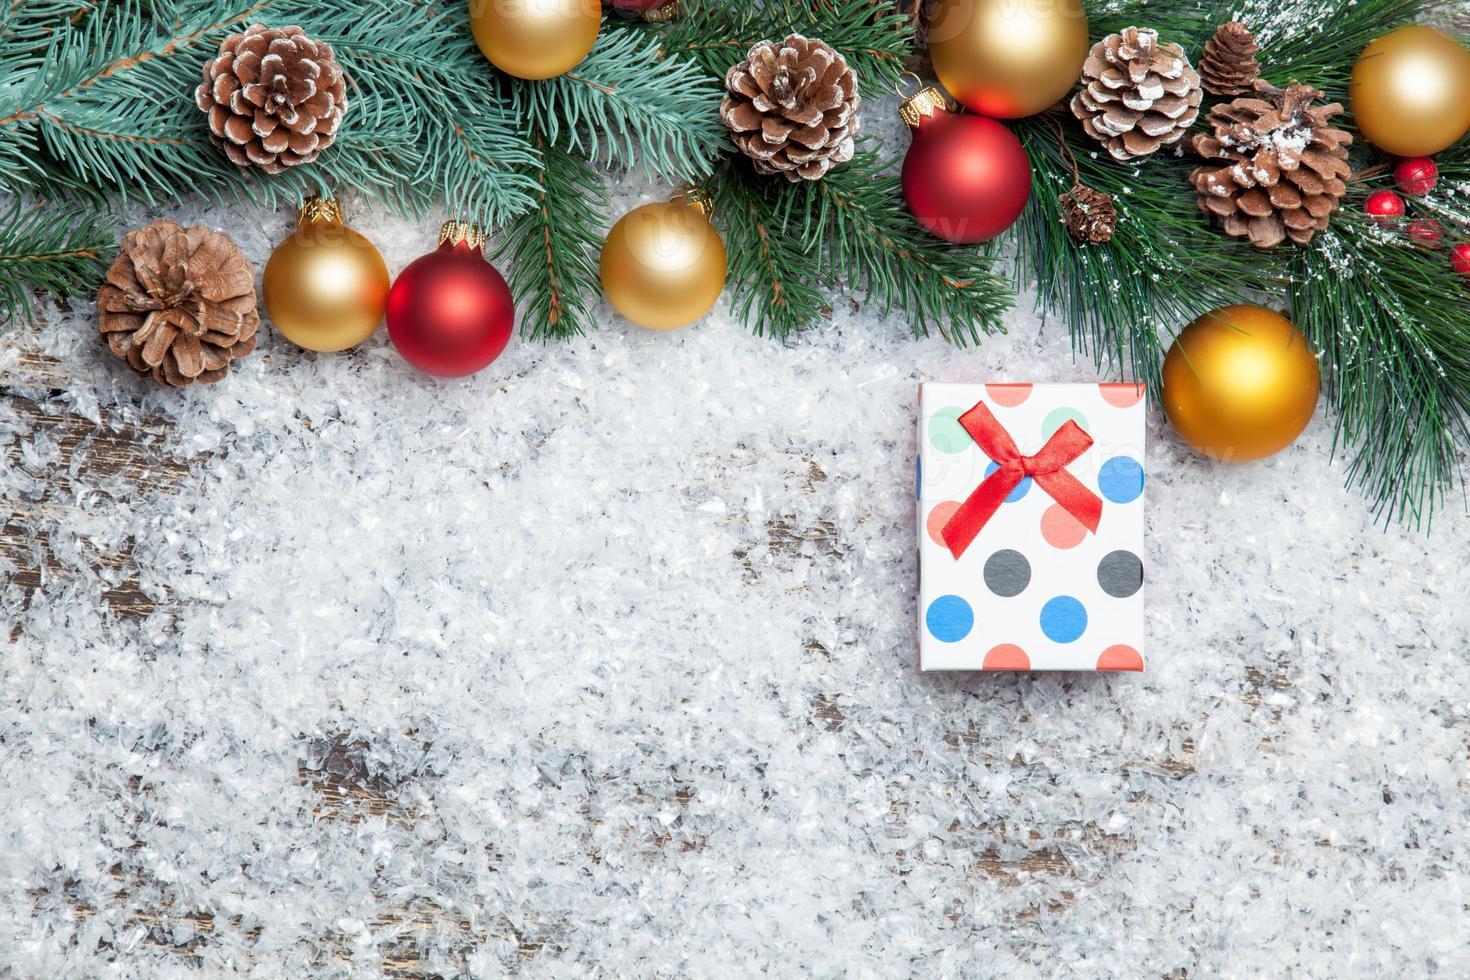 confezione regalo e ramo con giocattoli. foto